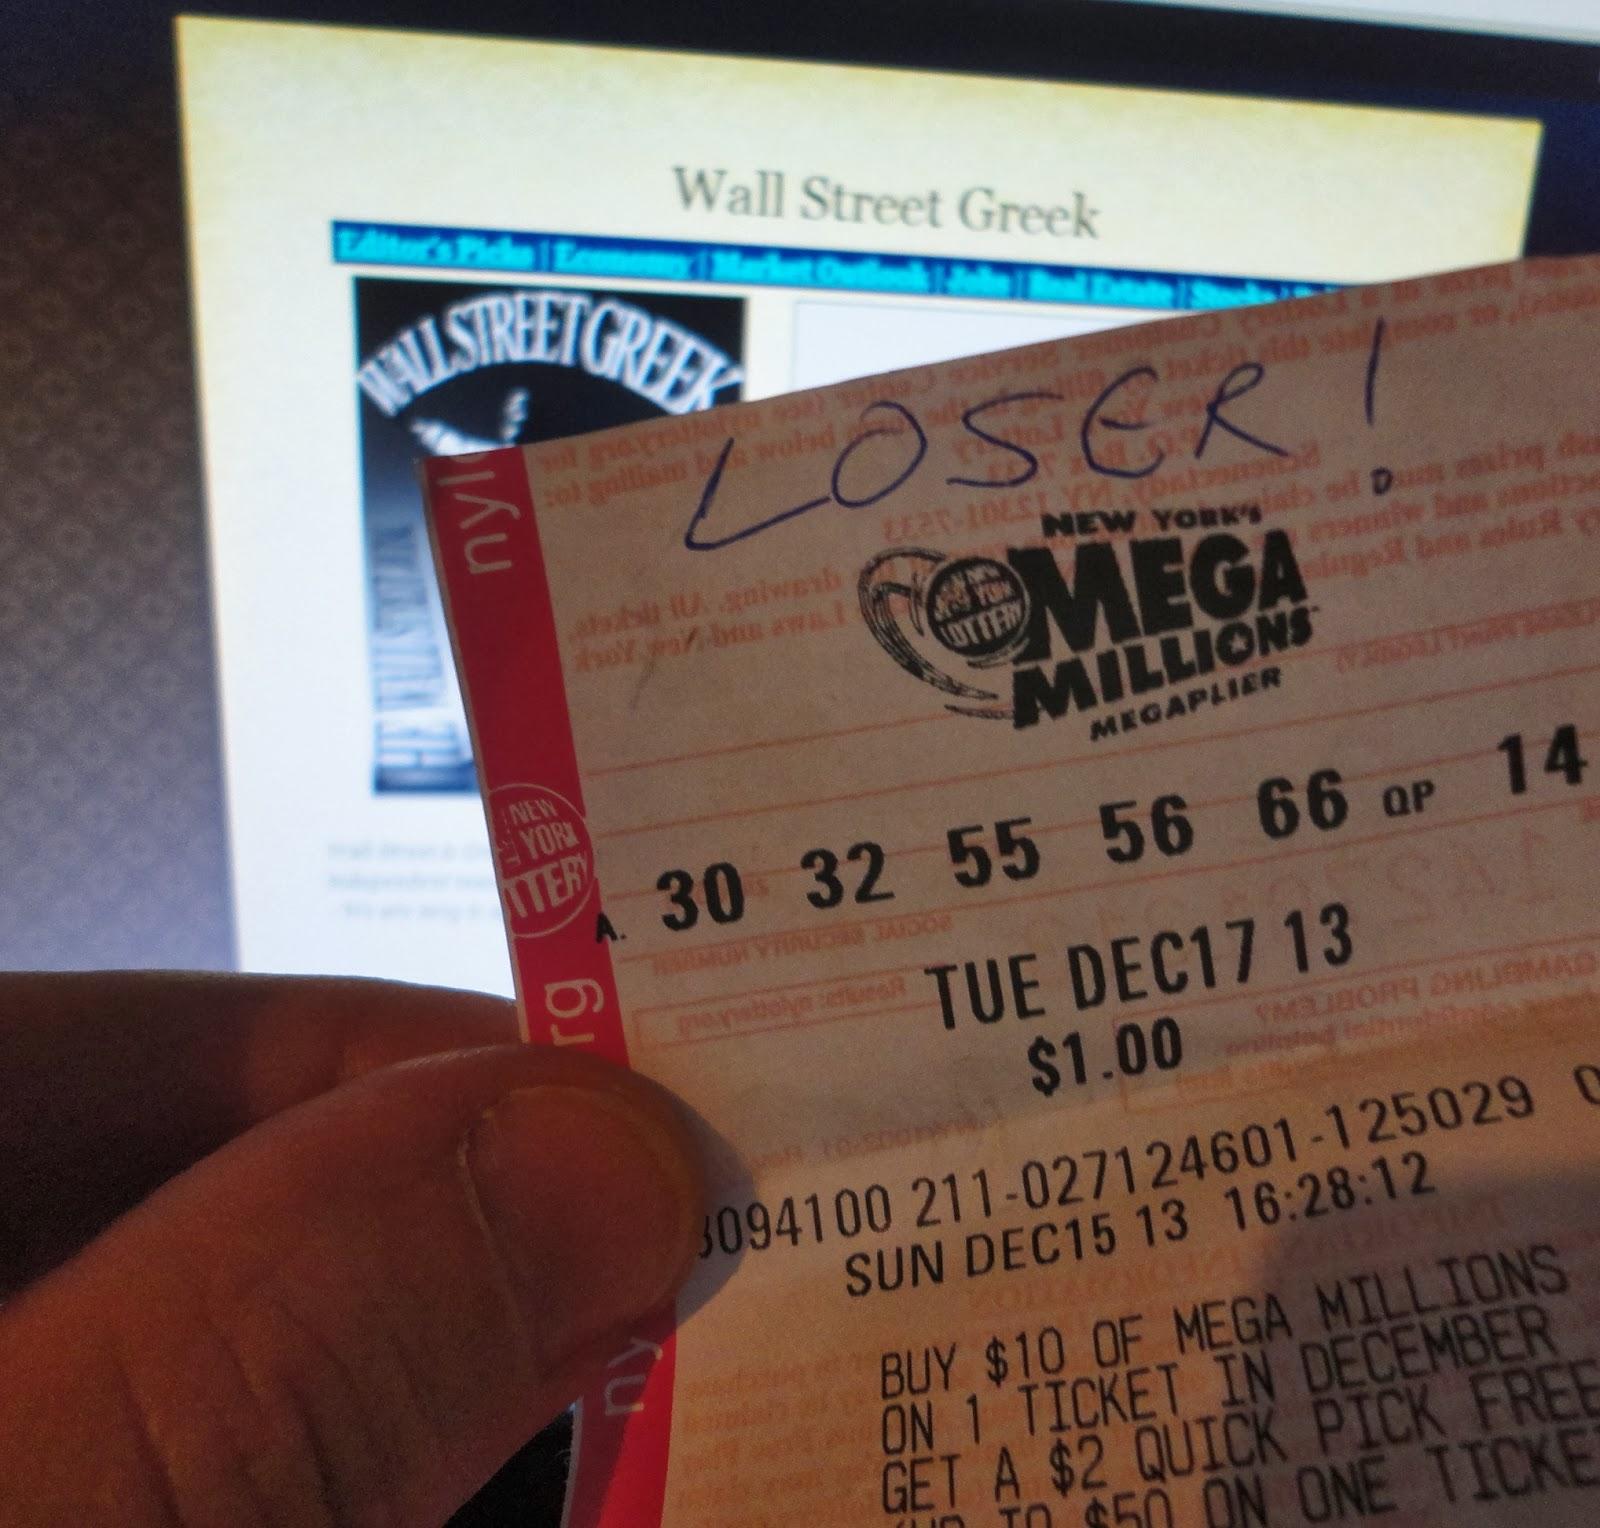 Wall Street Greek: Mega Millions Jackpot Winner